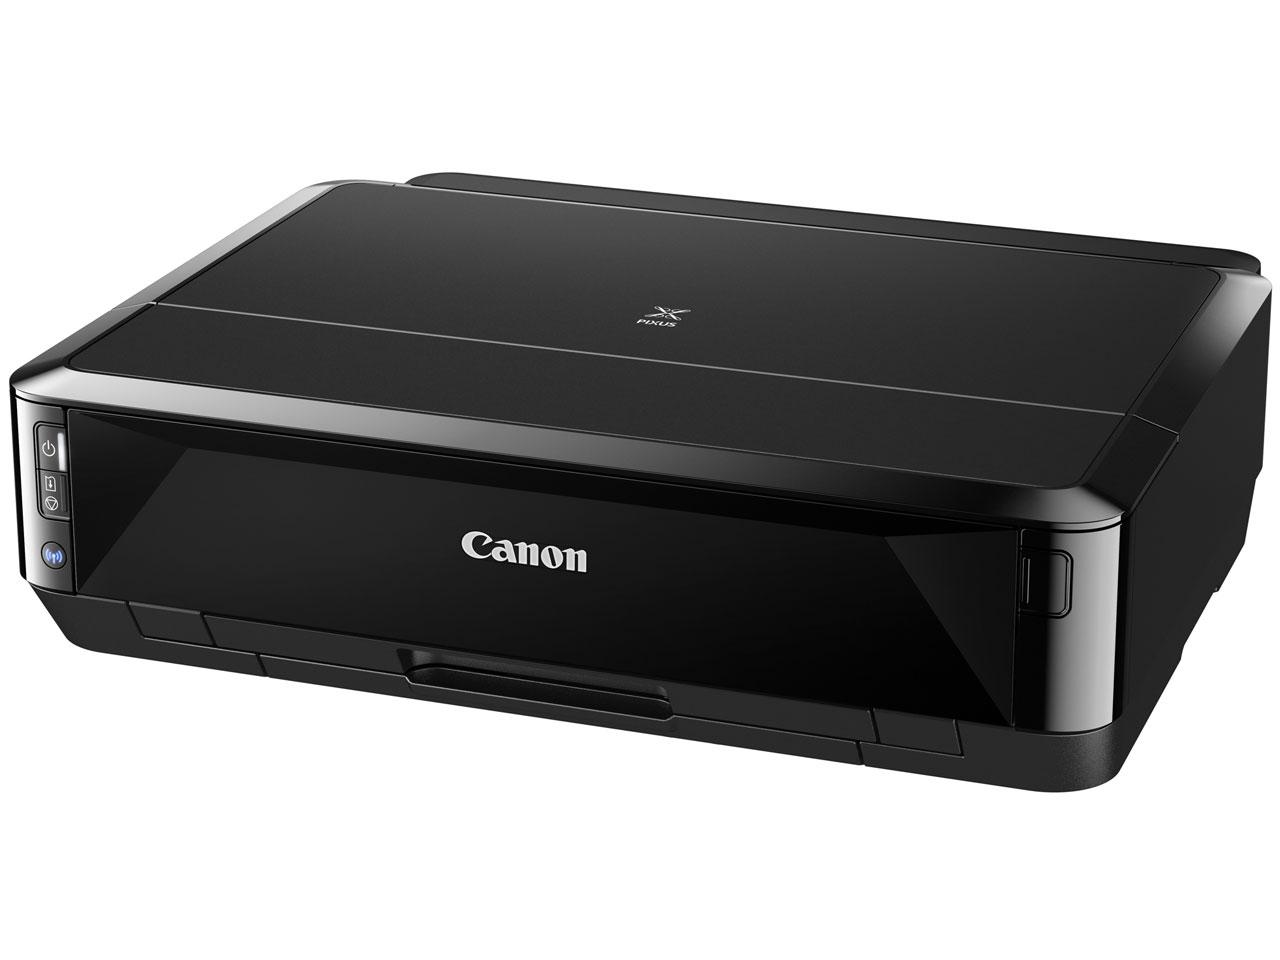 【業界No.1の高価買取価格|ナビ家電】PIXUS iP7230(CANON)